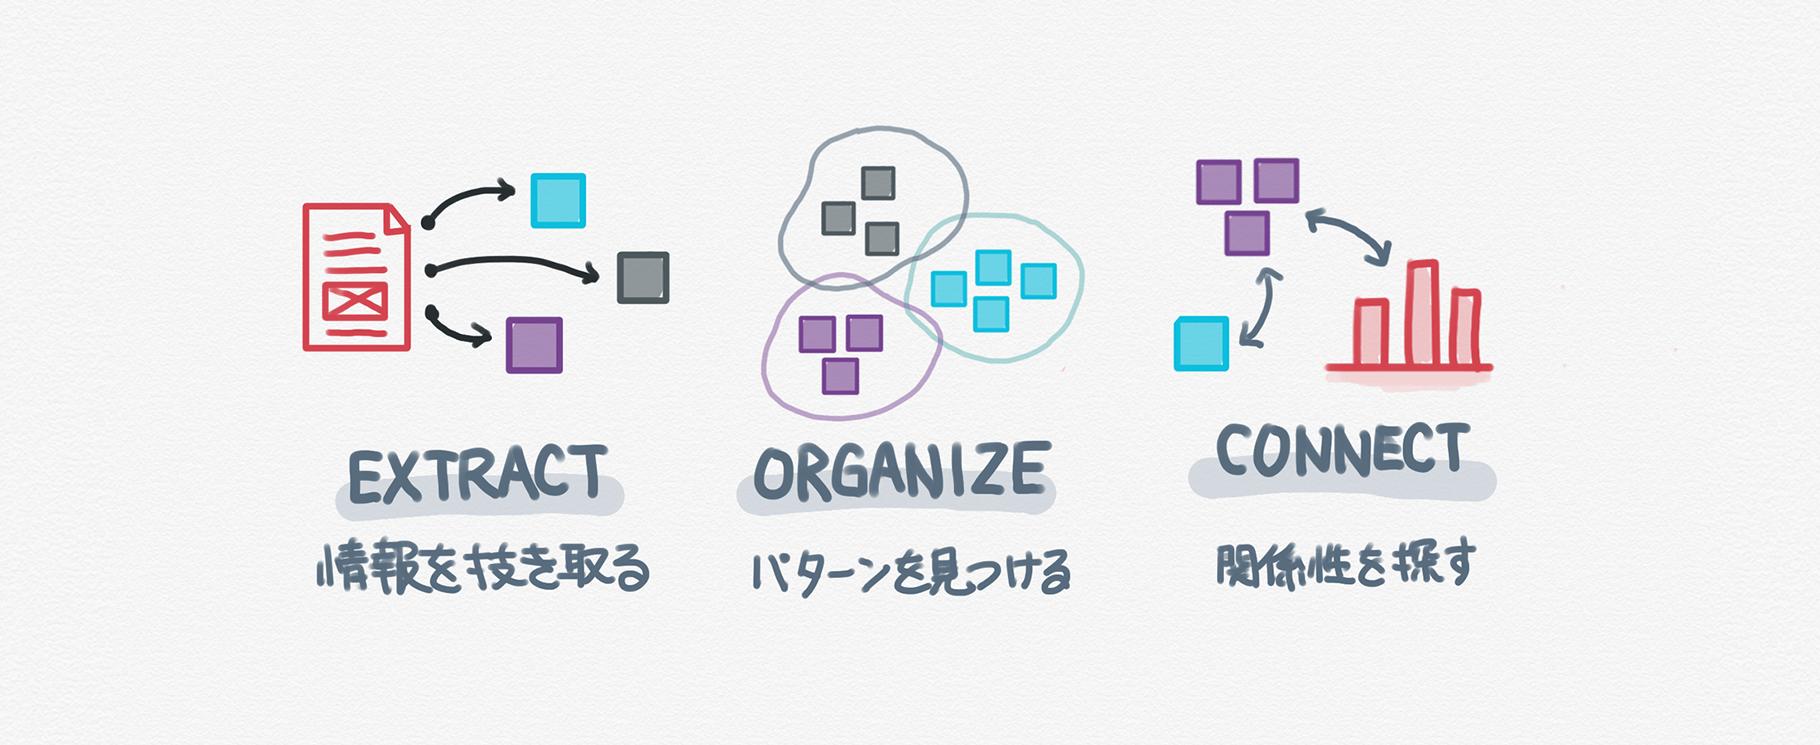 インサイトを作るための3つのステップ